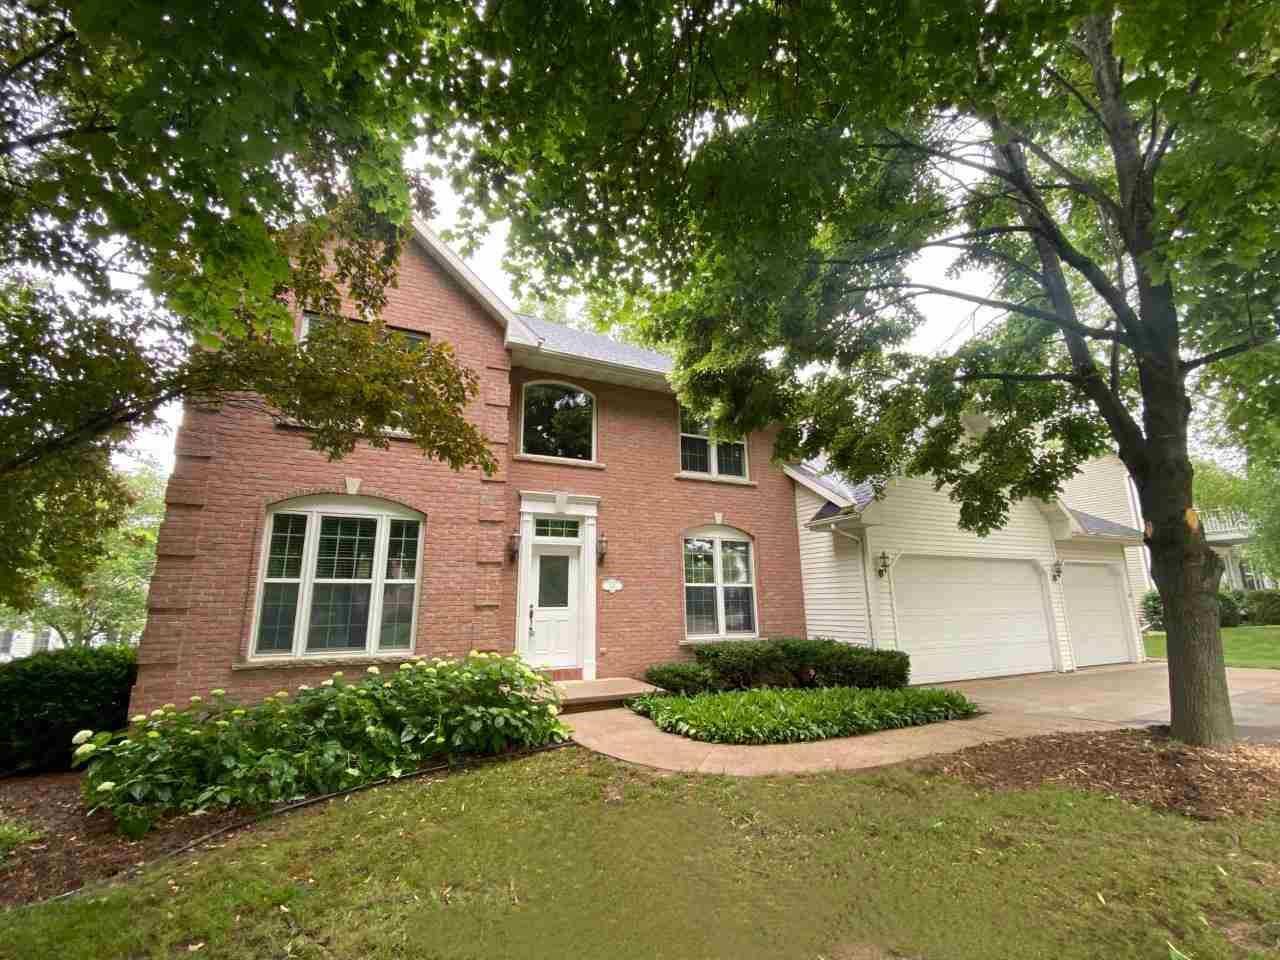 501 E CASTLEBURY Lane, Appleton, WI 54913 - MLS#: 50243250